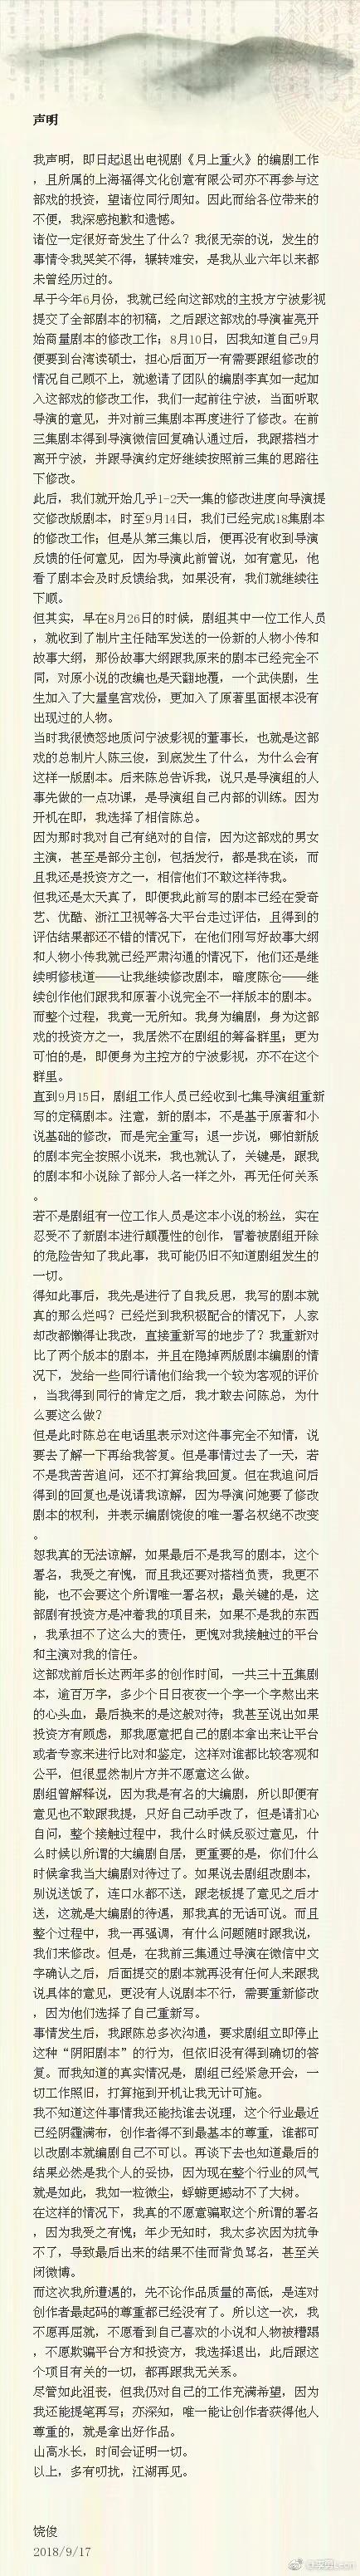 """《花千骨》编剧自曝遭新剧组欺瞒 遇""""阴阳剧本"""""""